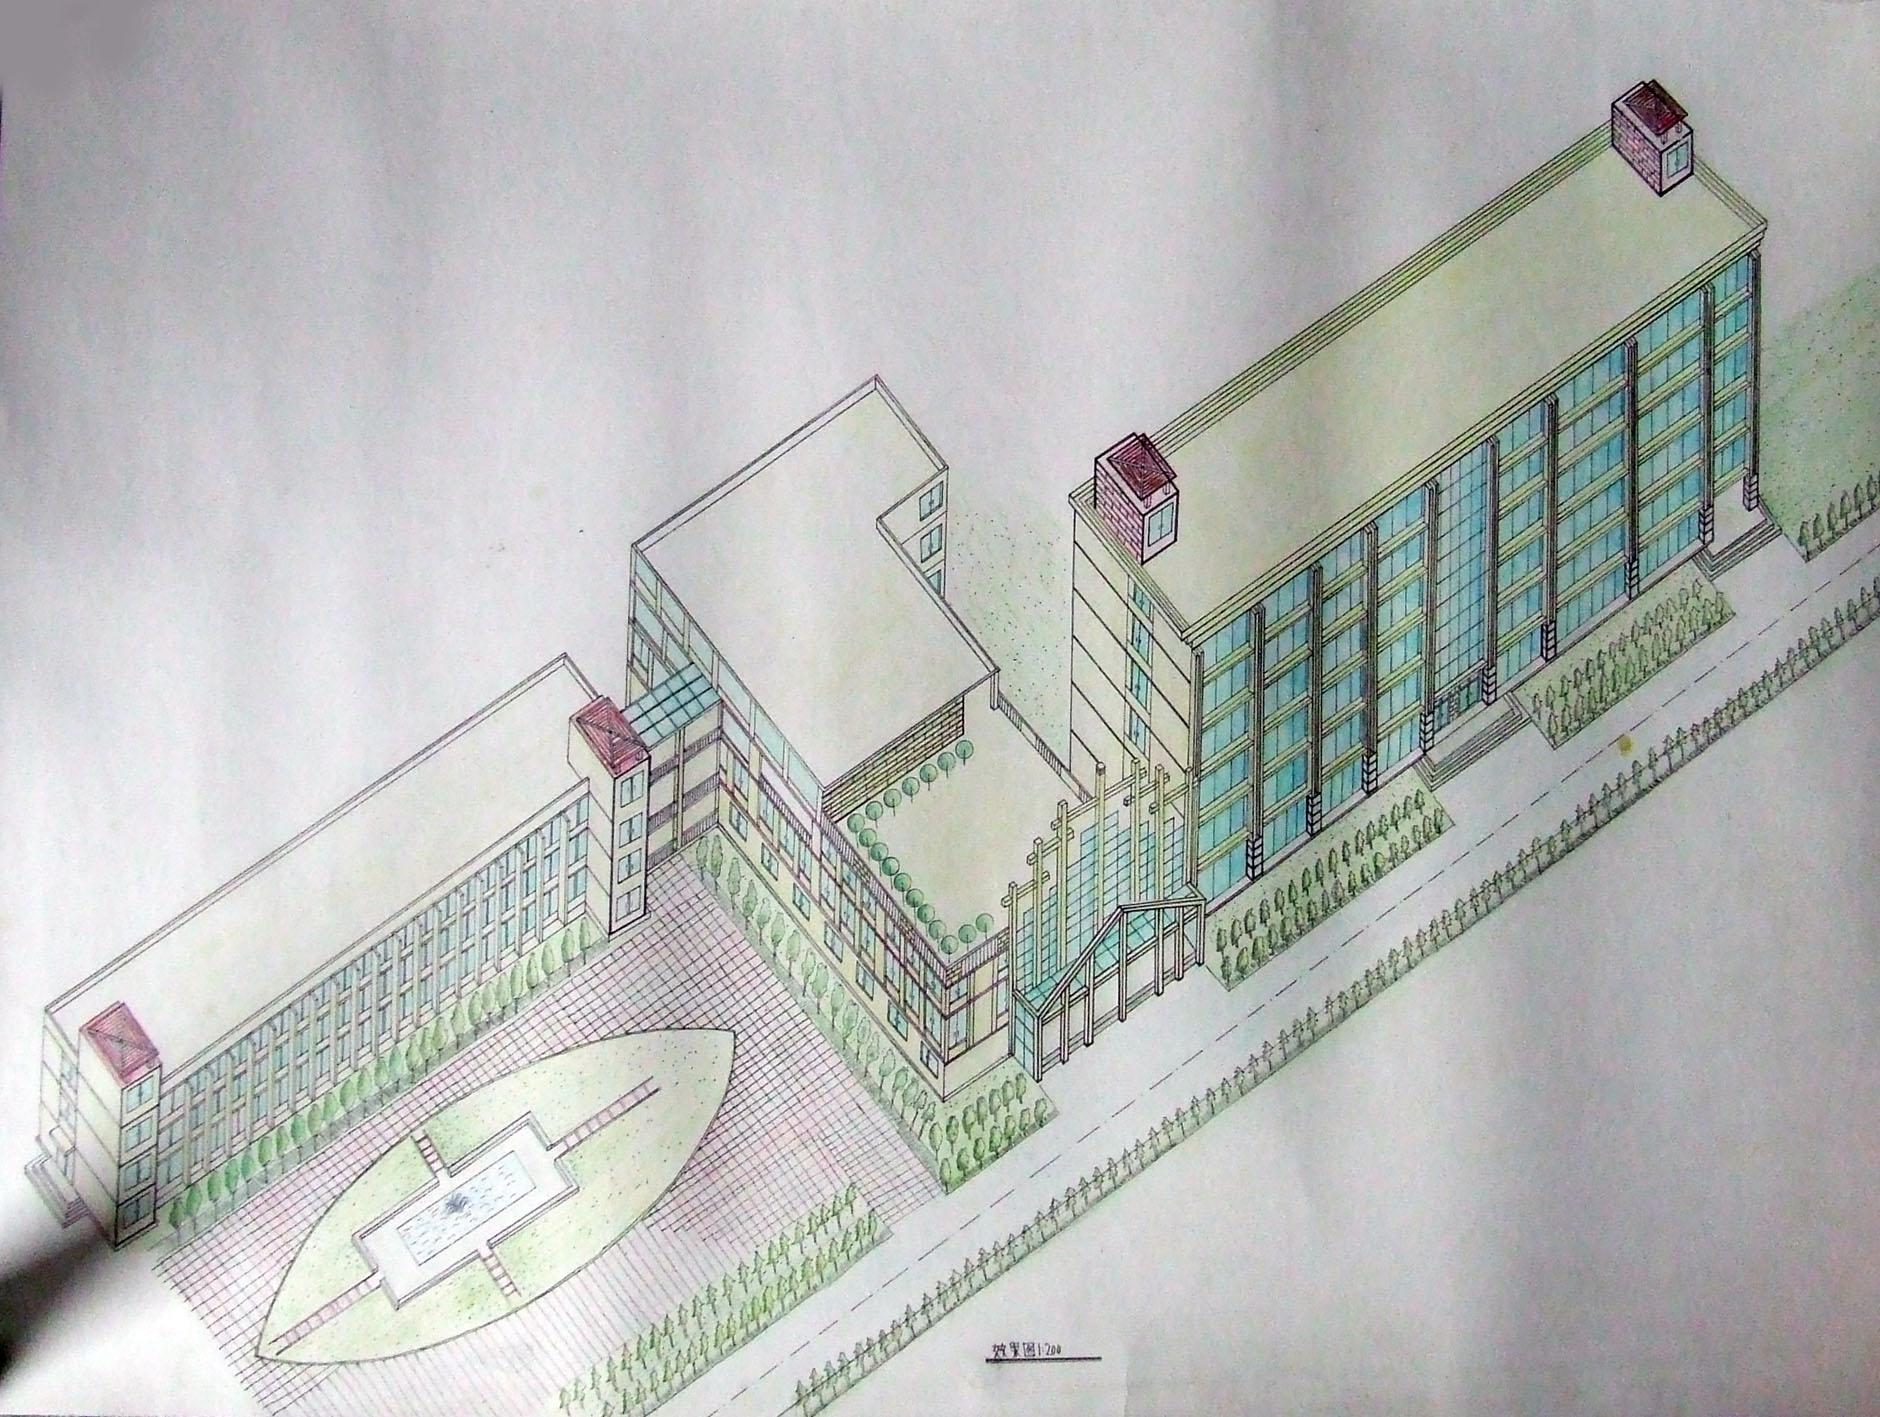 图纸 建筑图纸  艺术楼    艺术楼手绘效果图   相关专题:艺术教学楼